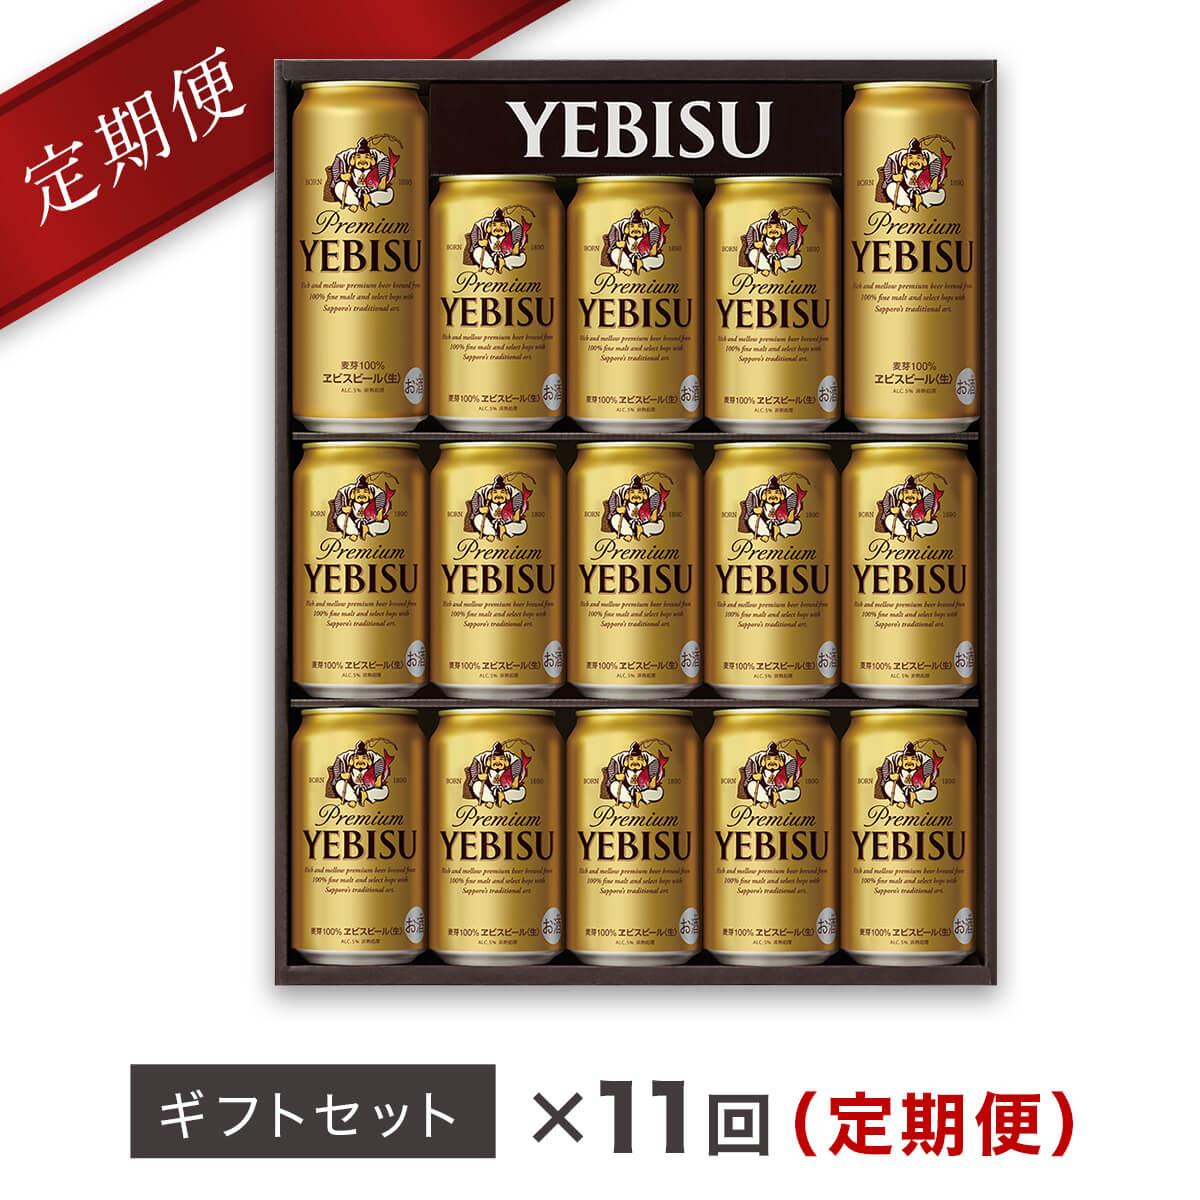 【ふるさと納税】【毎月お届け定期便】地元名取生産エビスビールを11回お届け!